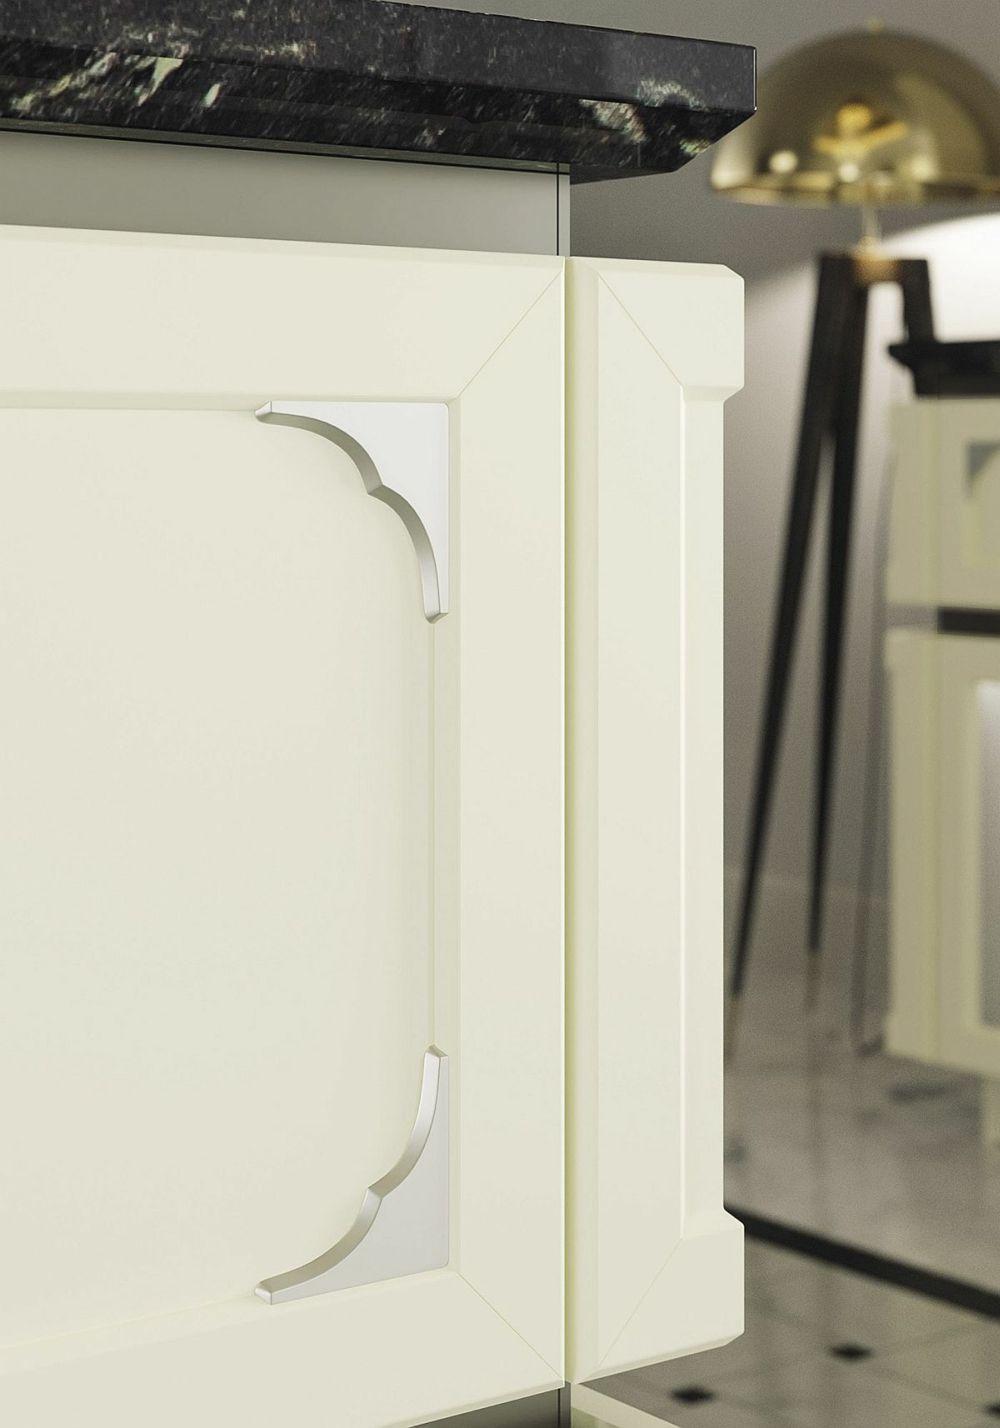 K Cheninsel Beleuchtung eine schicke moderne küche die eine verwickelte und zeitlose ausdruckskraft trägt